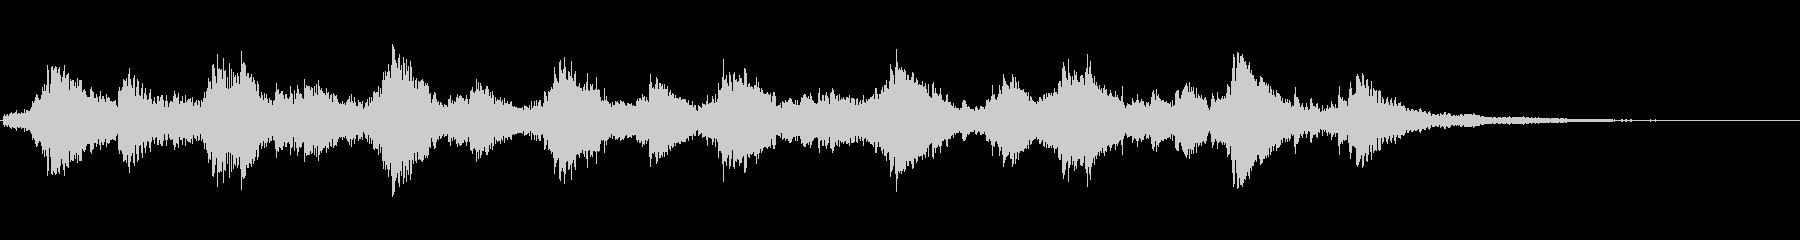 ハープ:連続アルペジオ、音楽ハープ音楽の未再生の波形